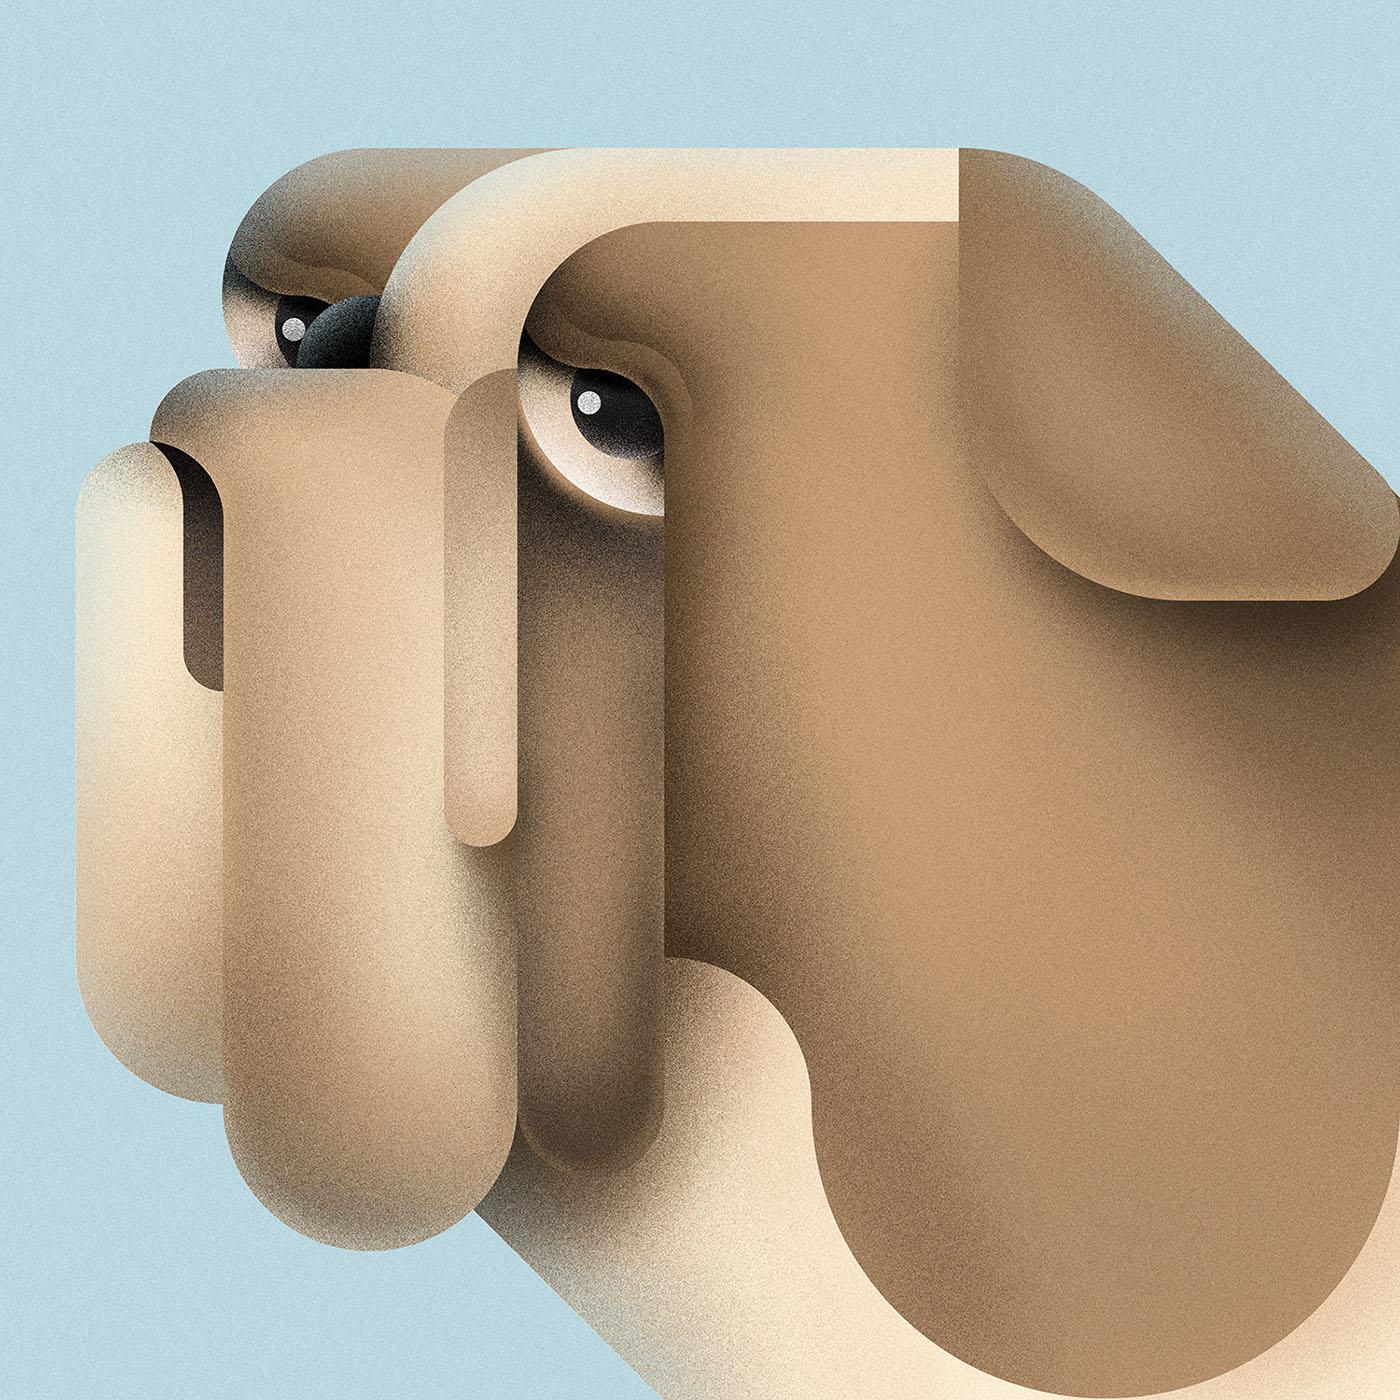 Ces animaux géométriques sont dessinés à base de traits et de cercles